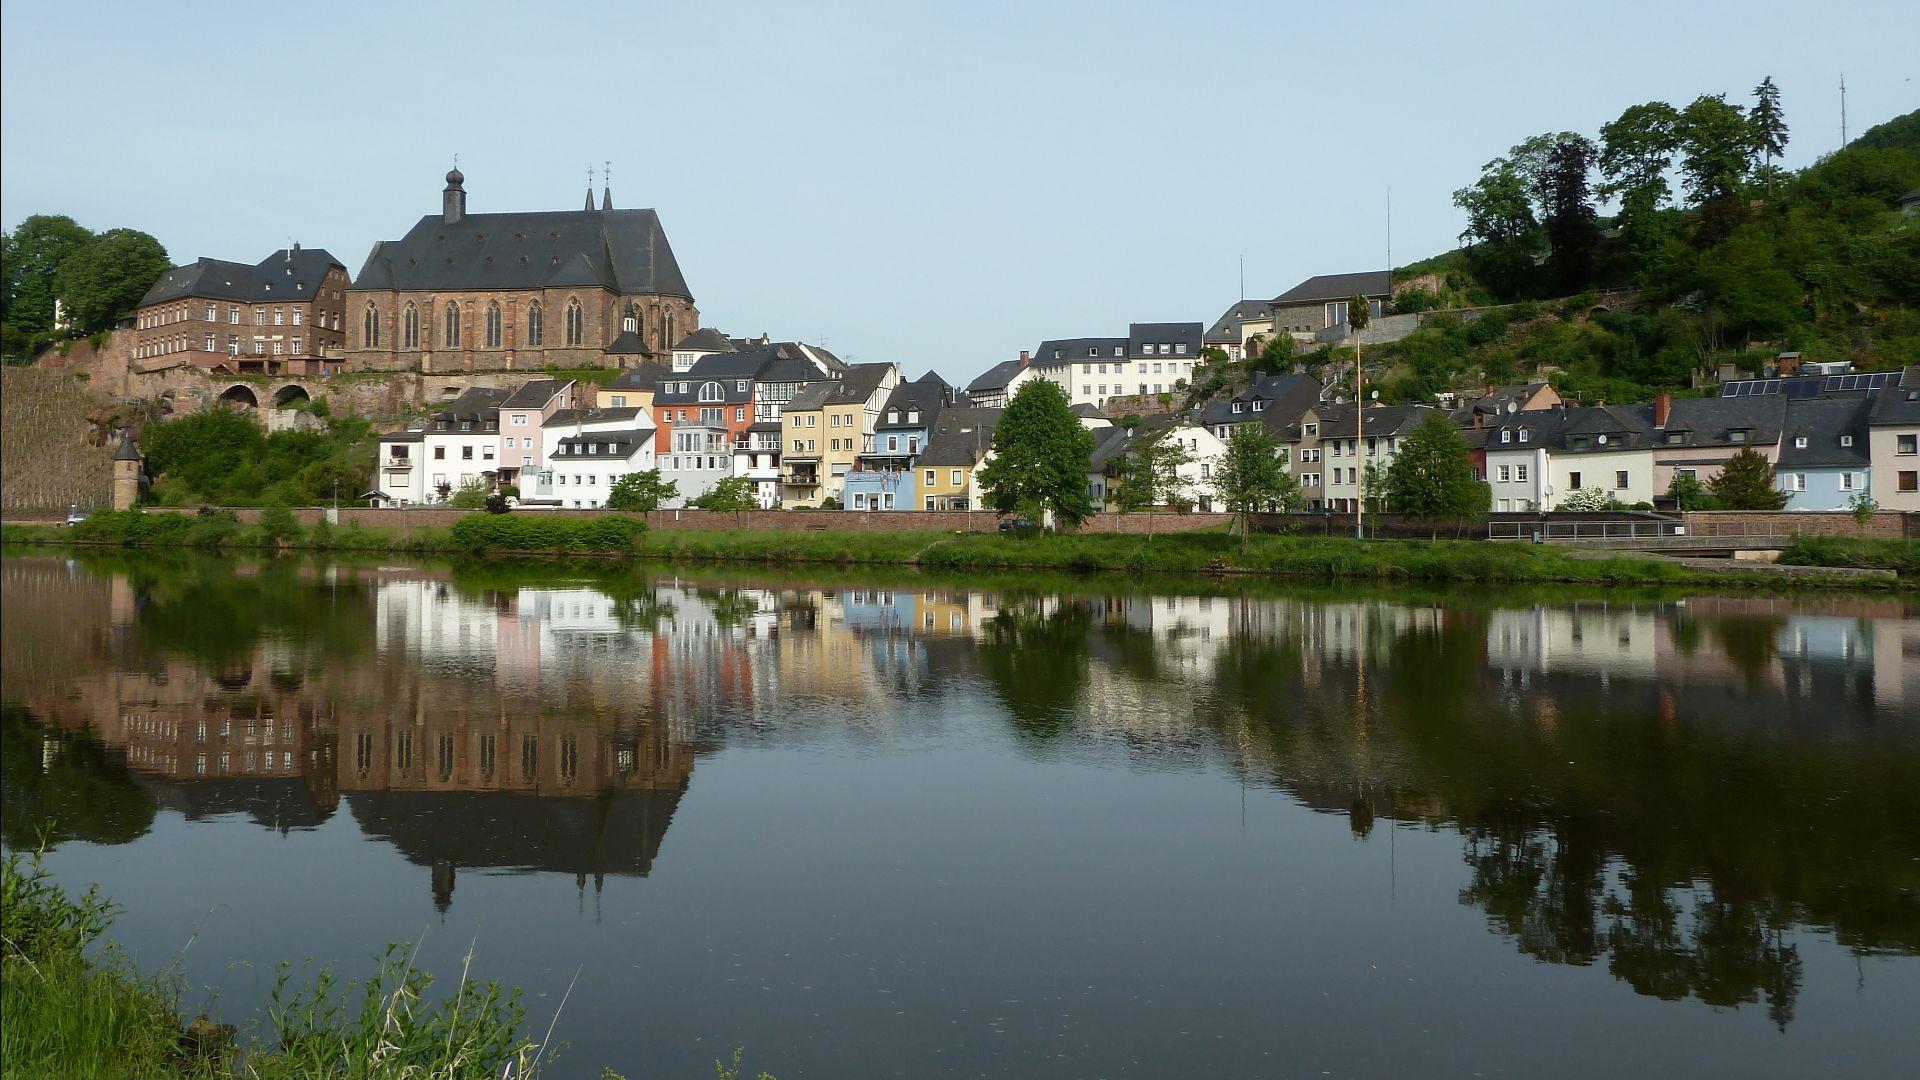 Saarburg.